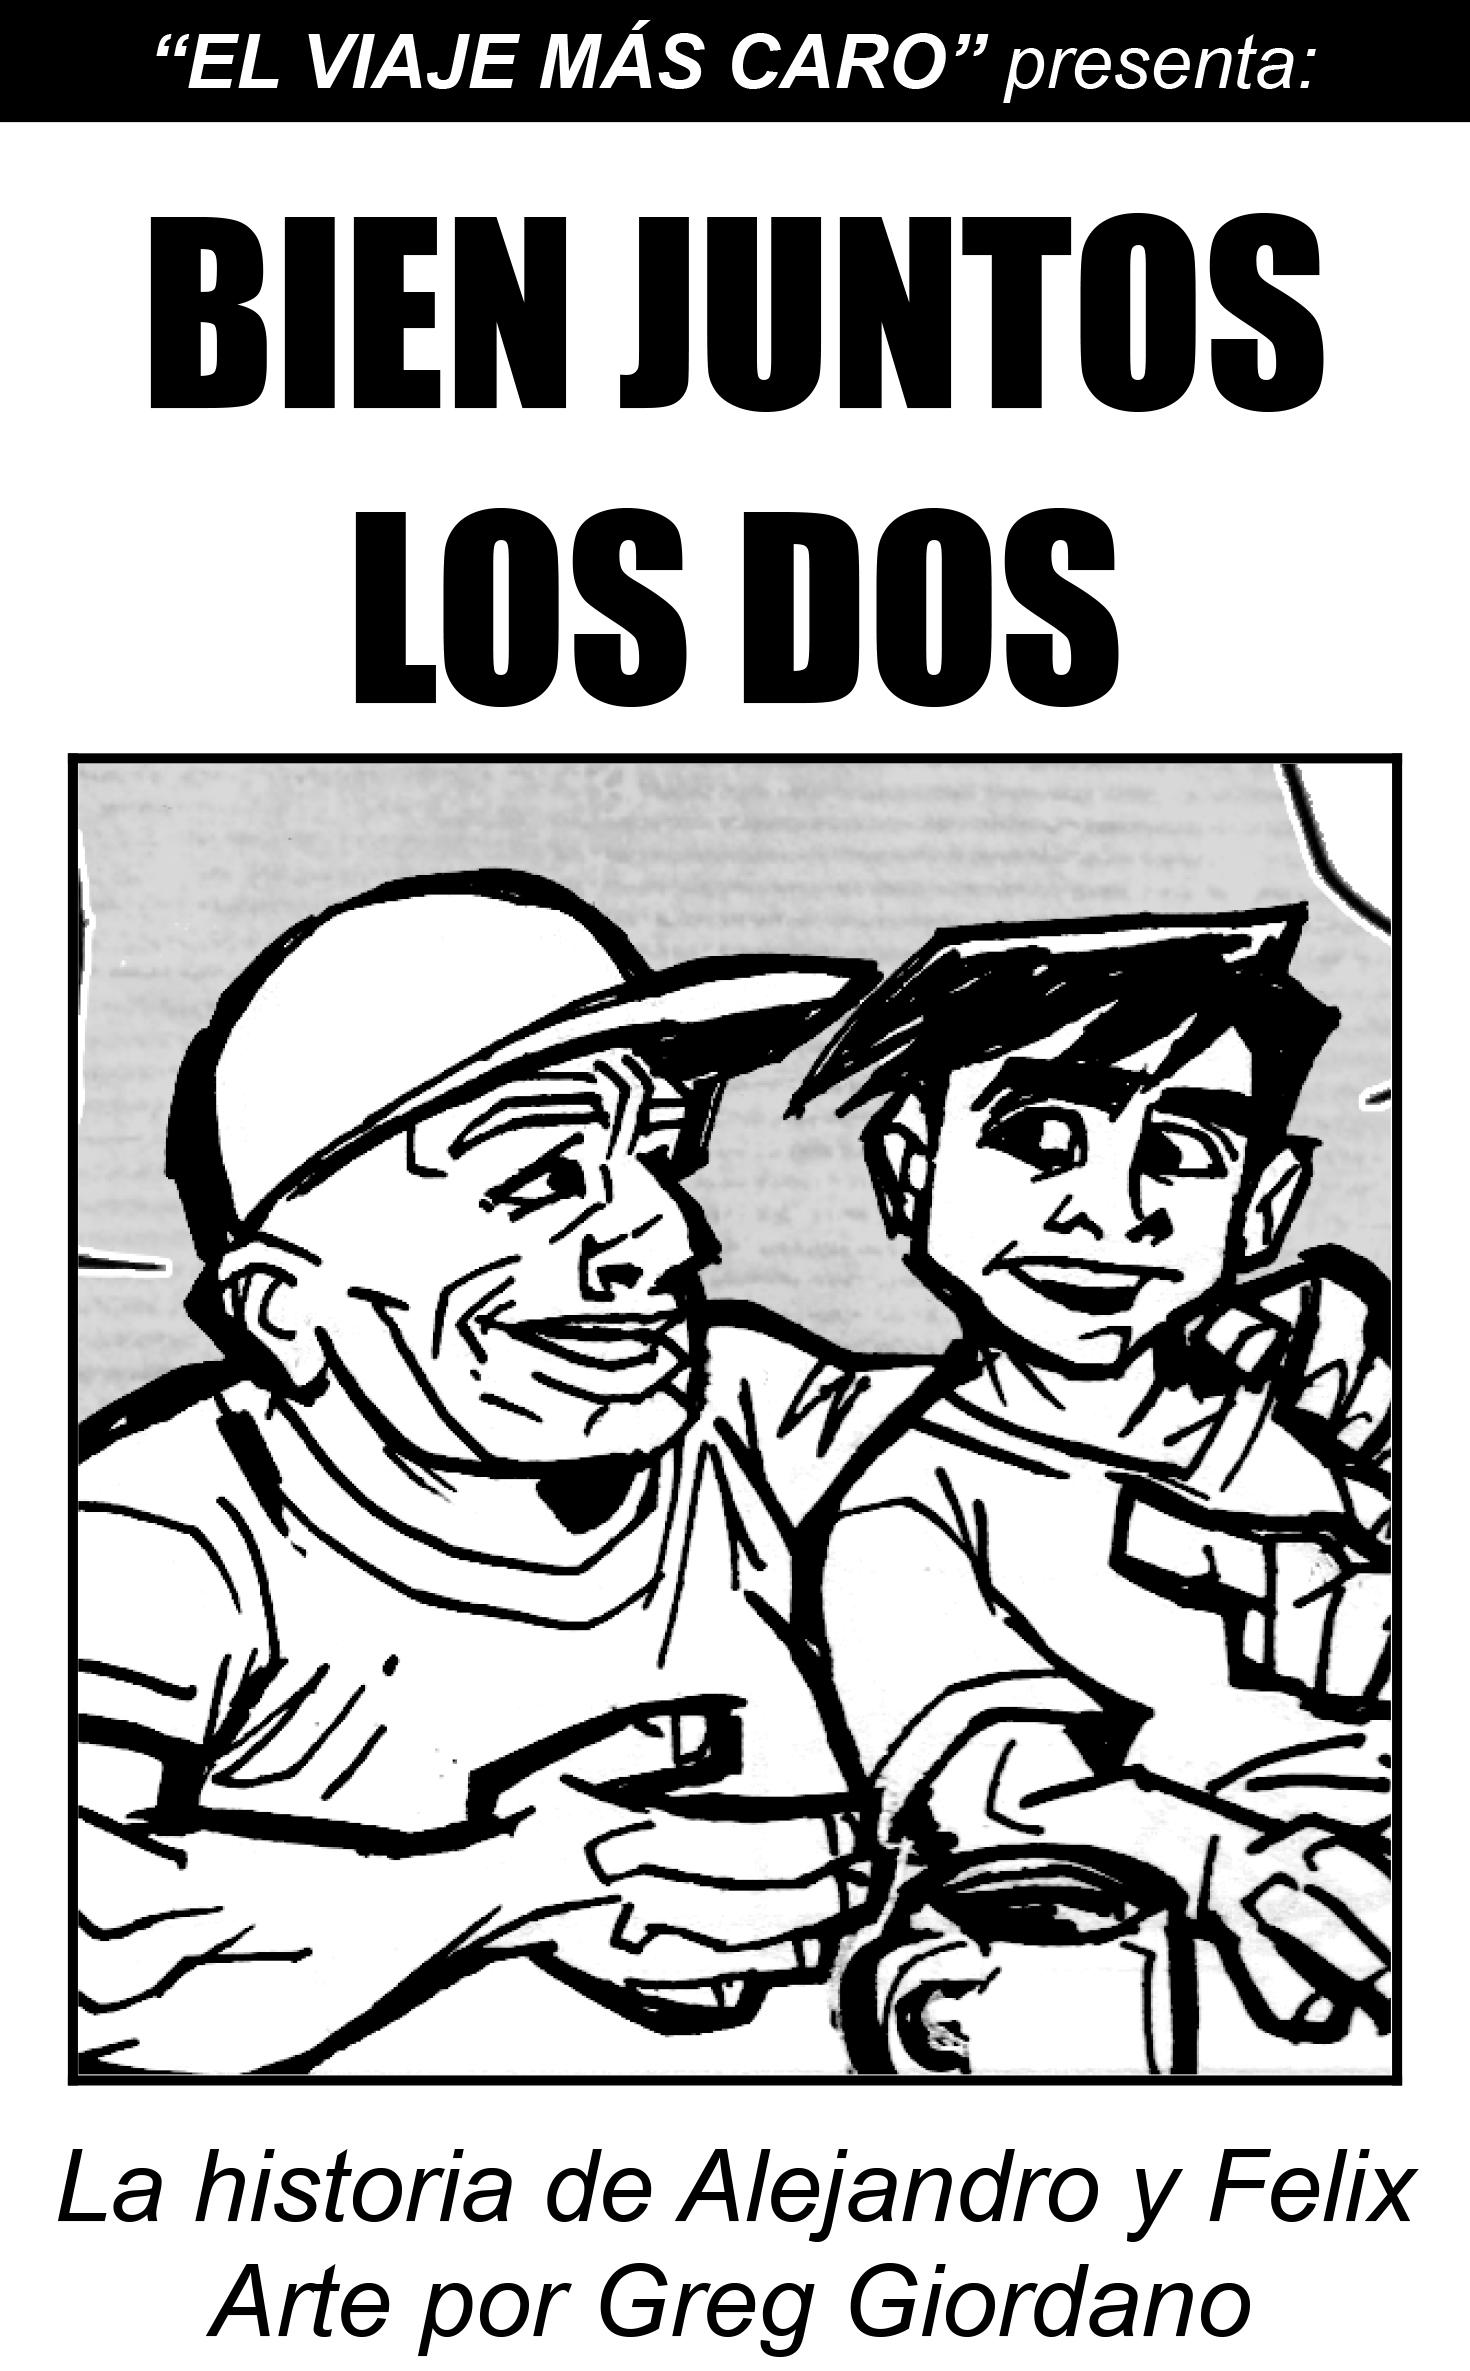 BOOKLET-Alejandro+Felix+Greg-171200-Digest_ESP 1.jpg